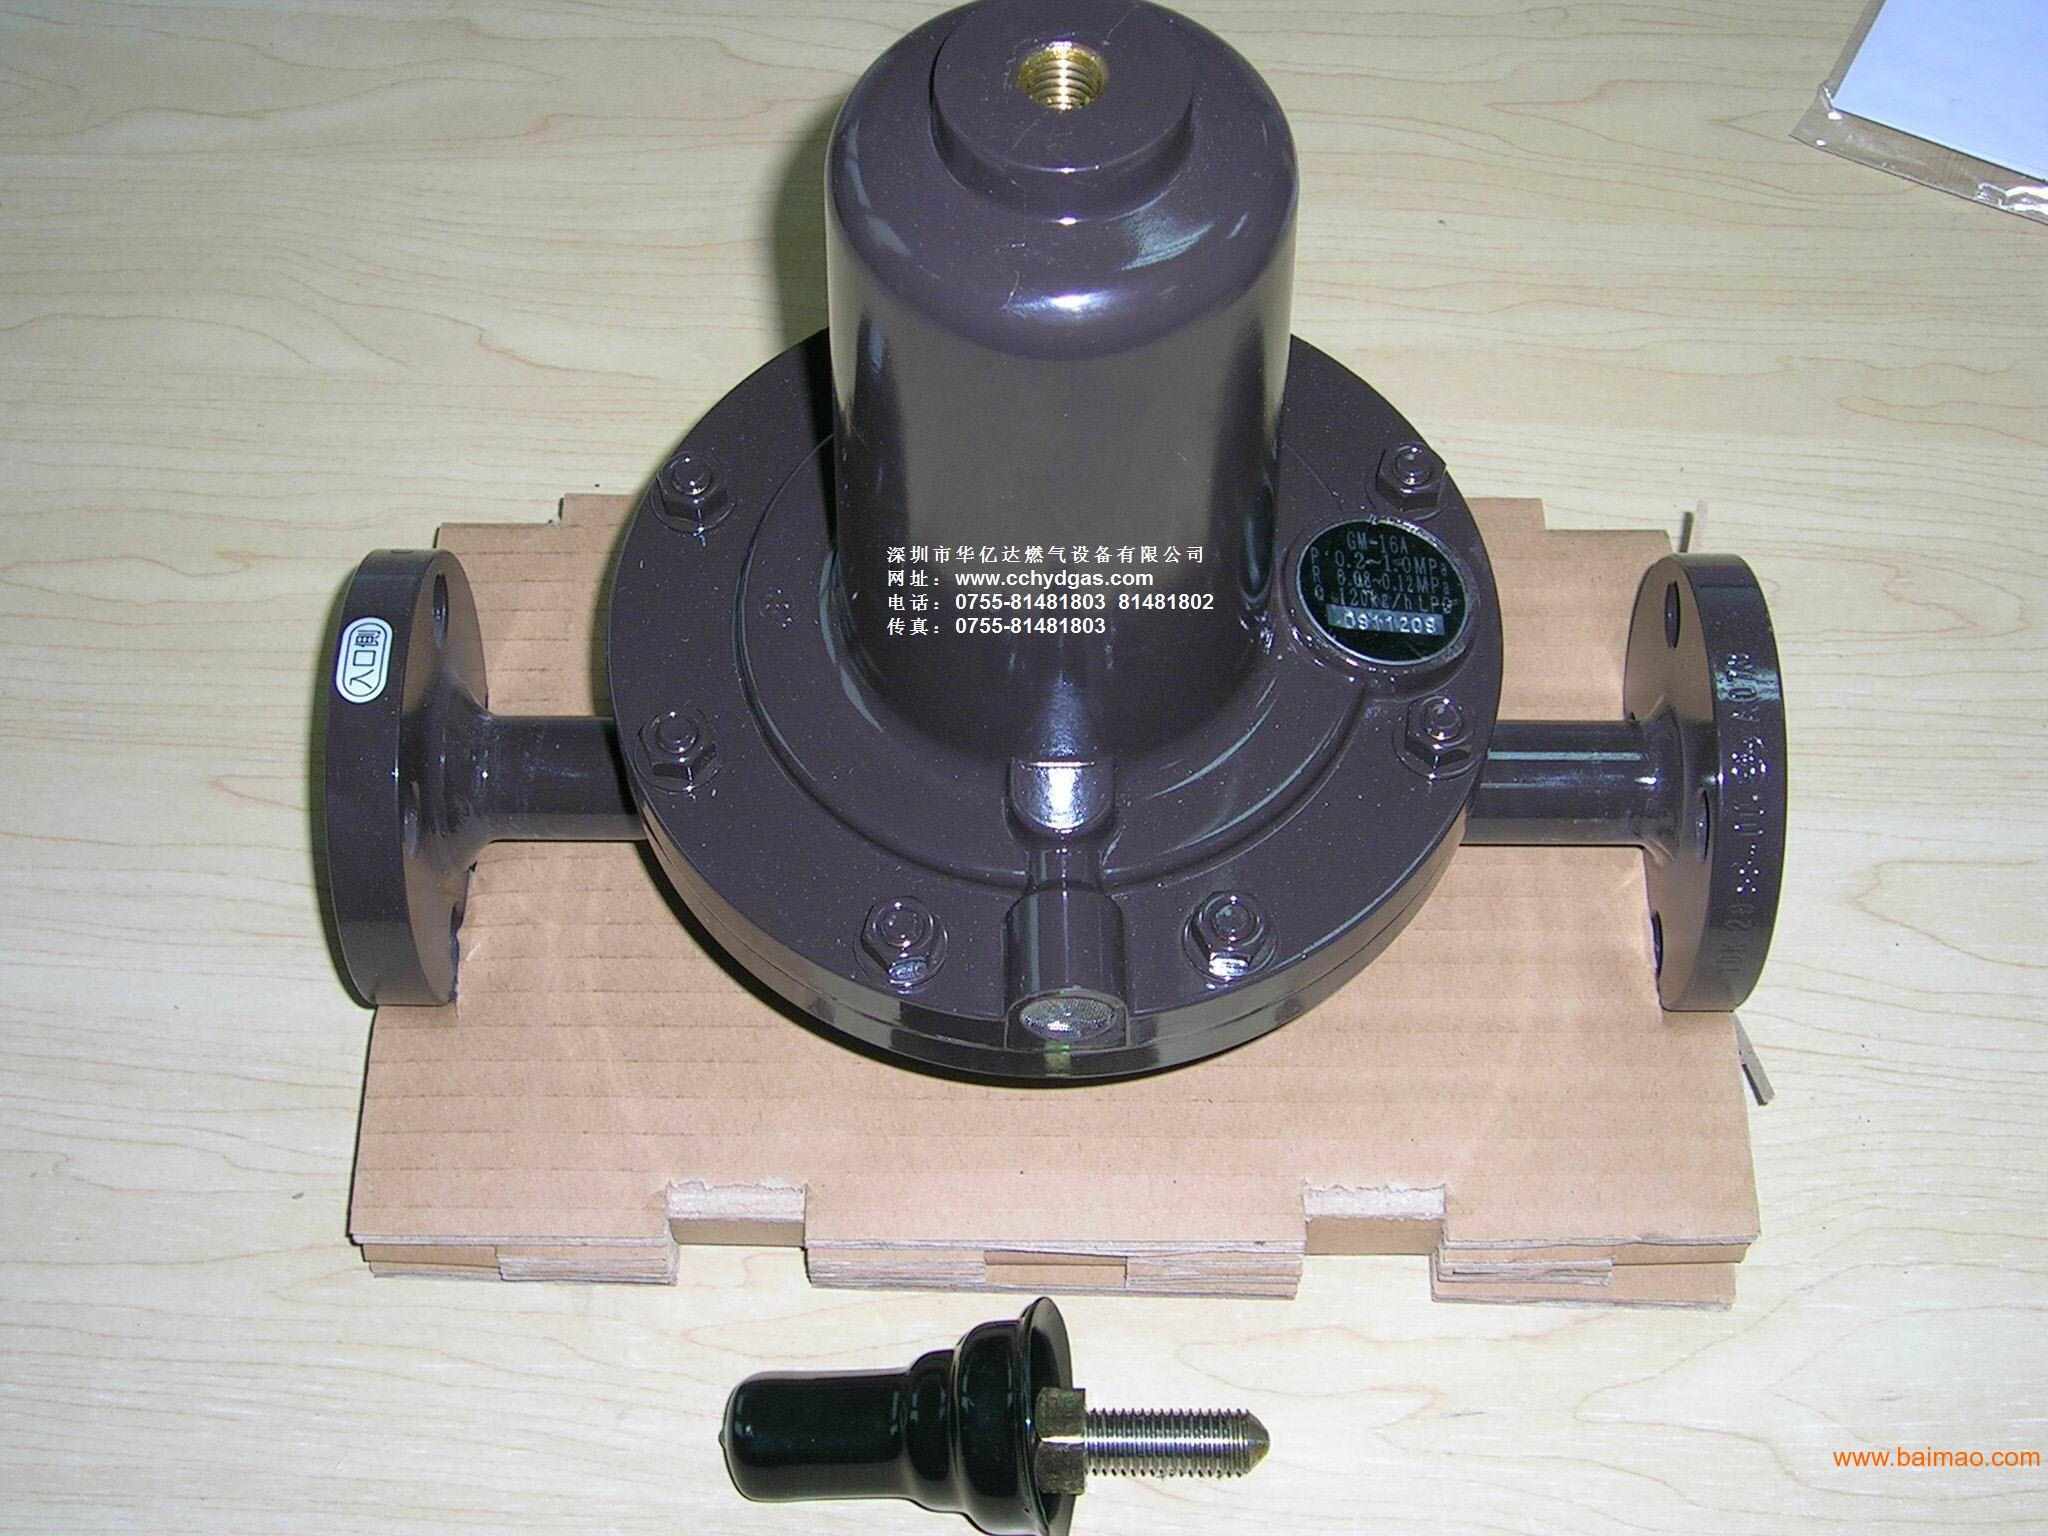 原装进口调压阀cm-100,gm-16a减压阀厂家/批发/供应商图片